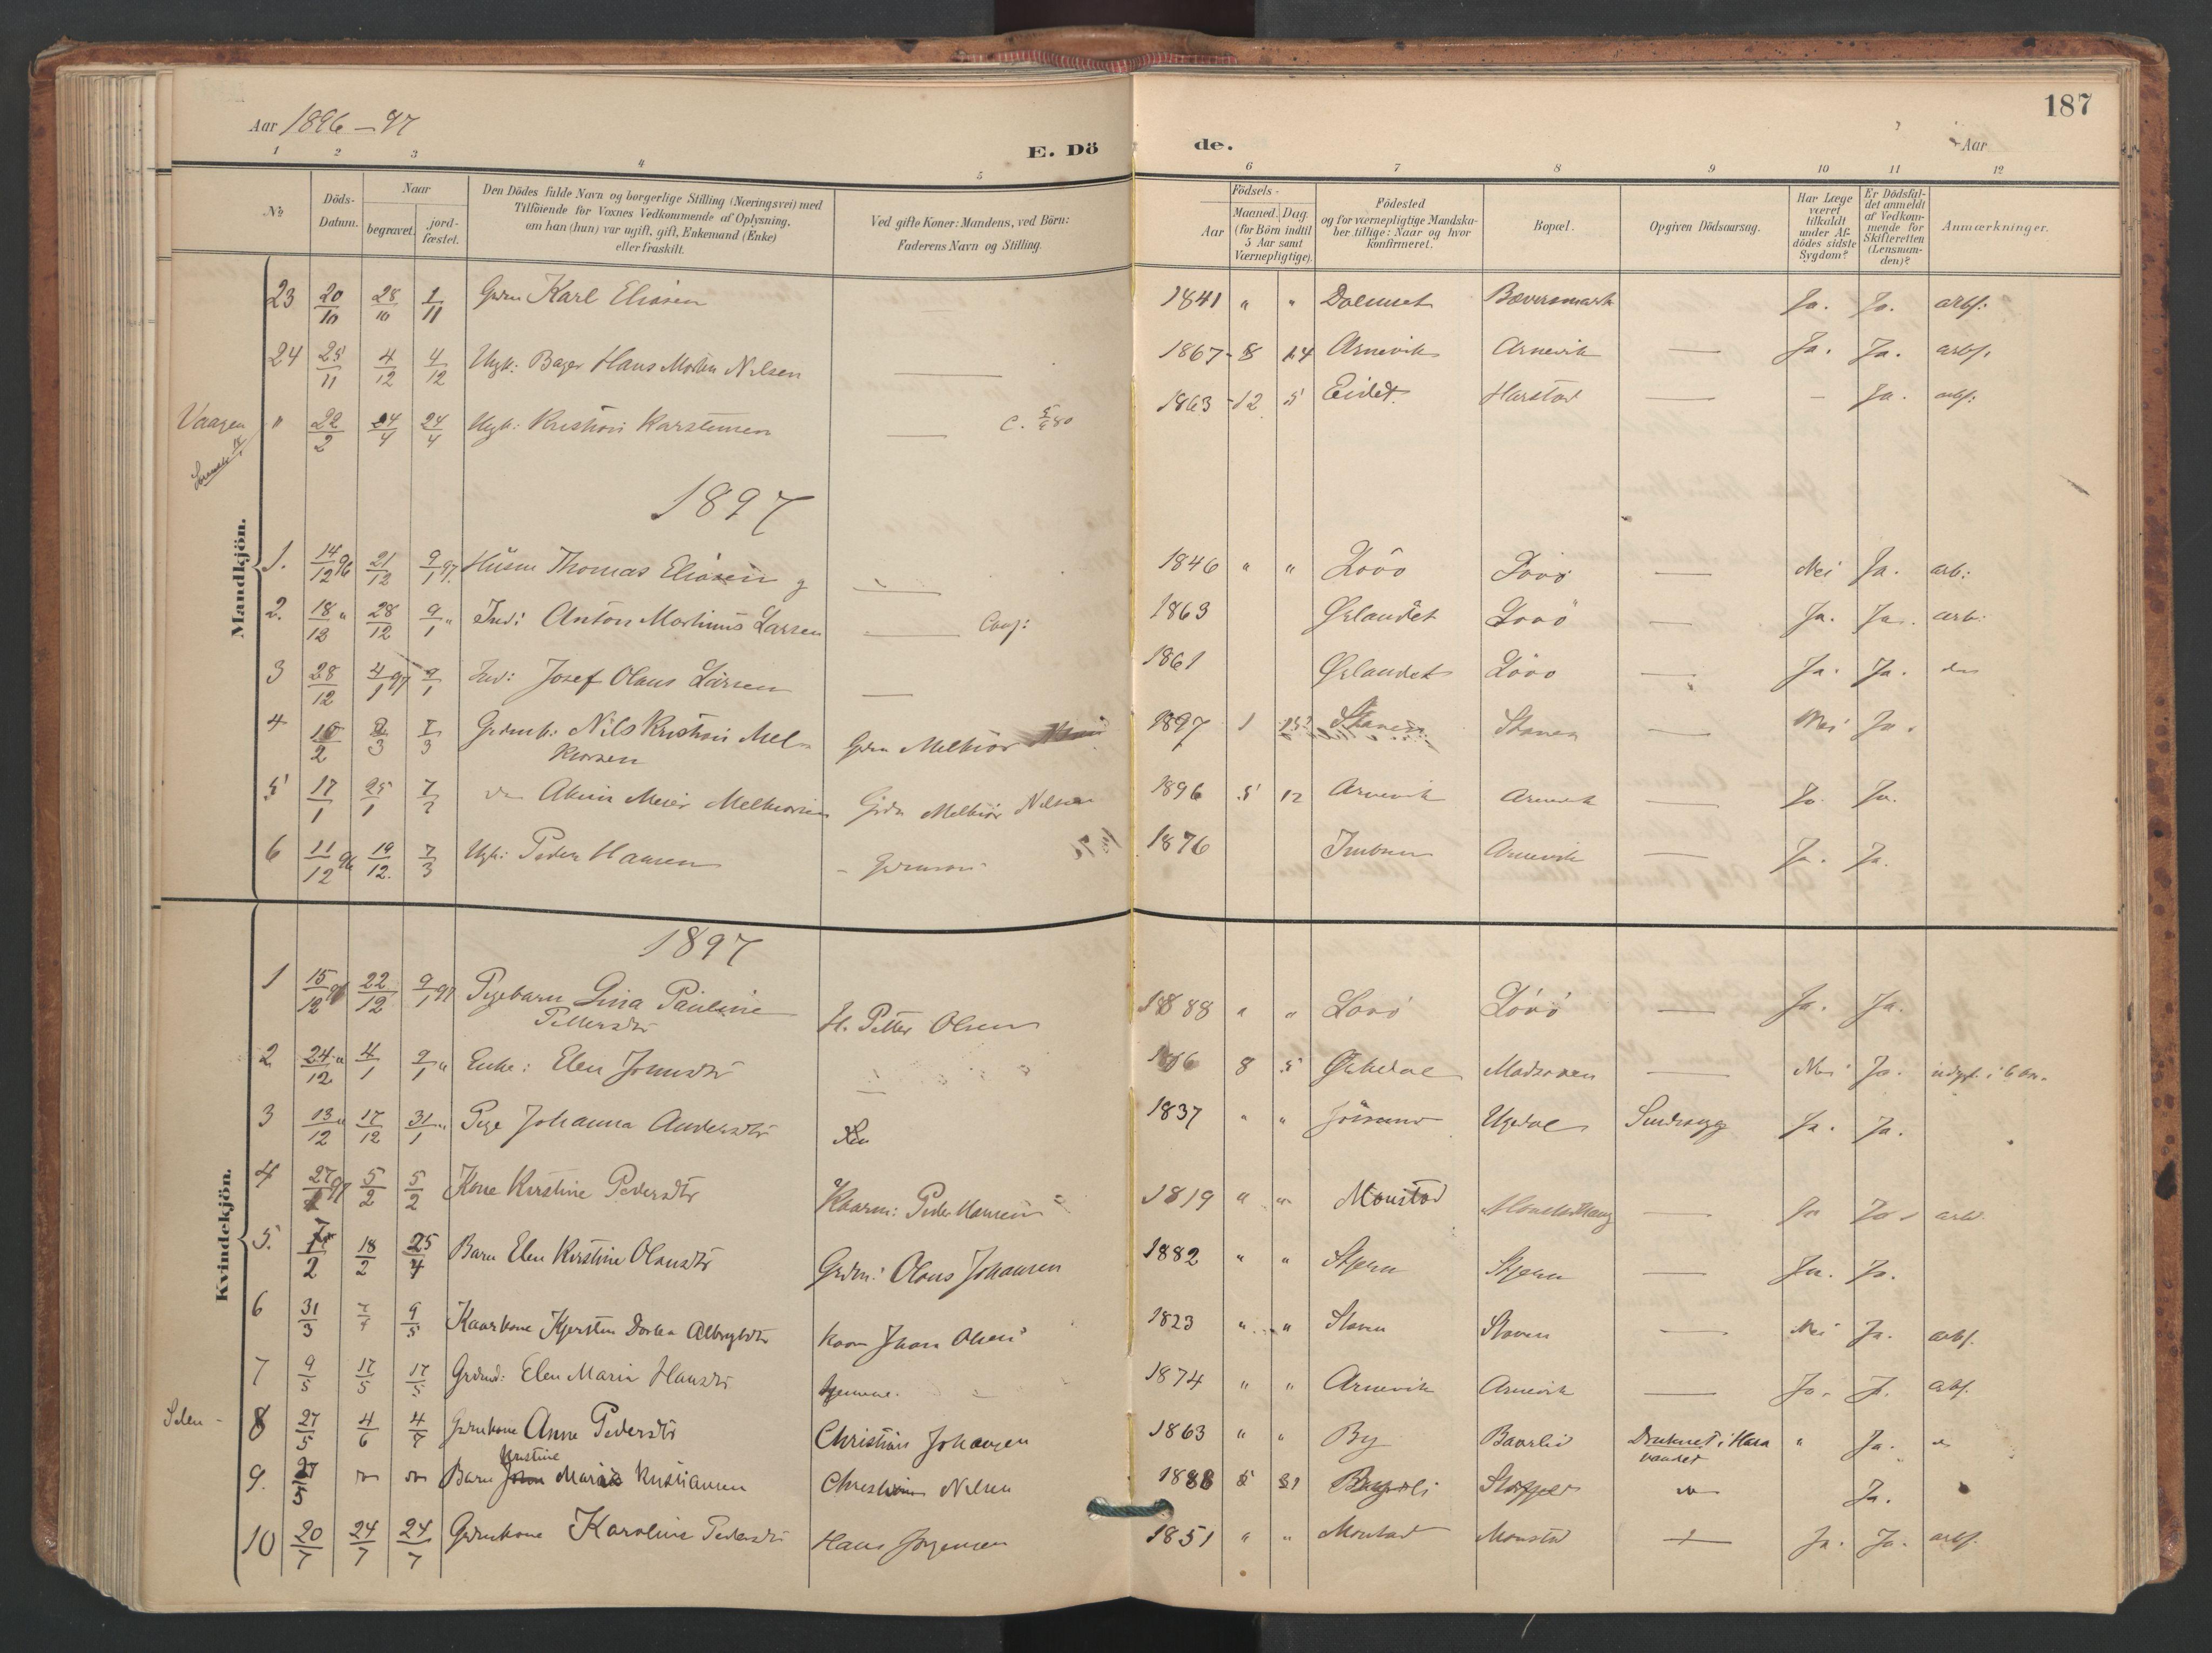 SAT, Ministerialprotokoller, klokkerbøker og fødselsregistre - Sør-Trøndelag, 655/L0681: Ministerialbok nr. 655A10, 1895-1907, s. 187